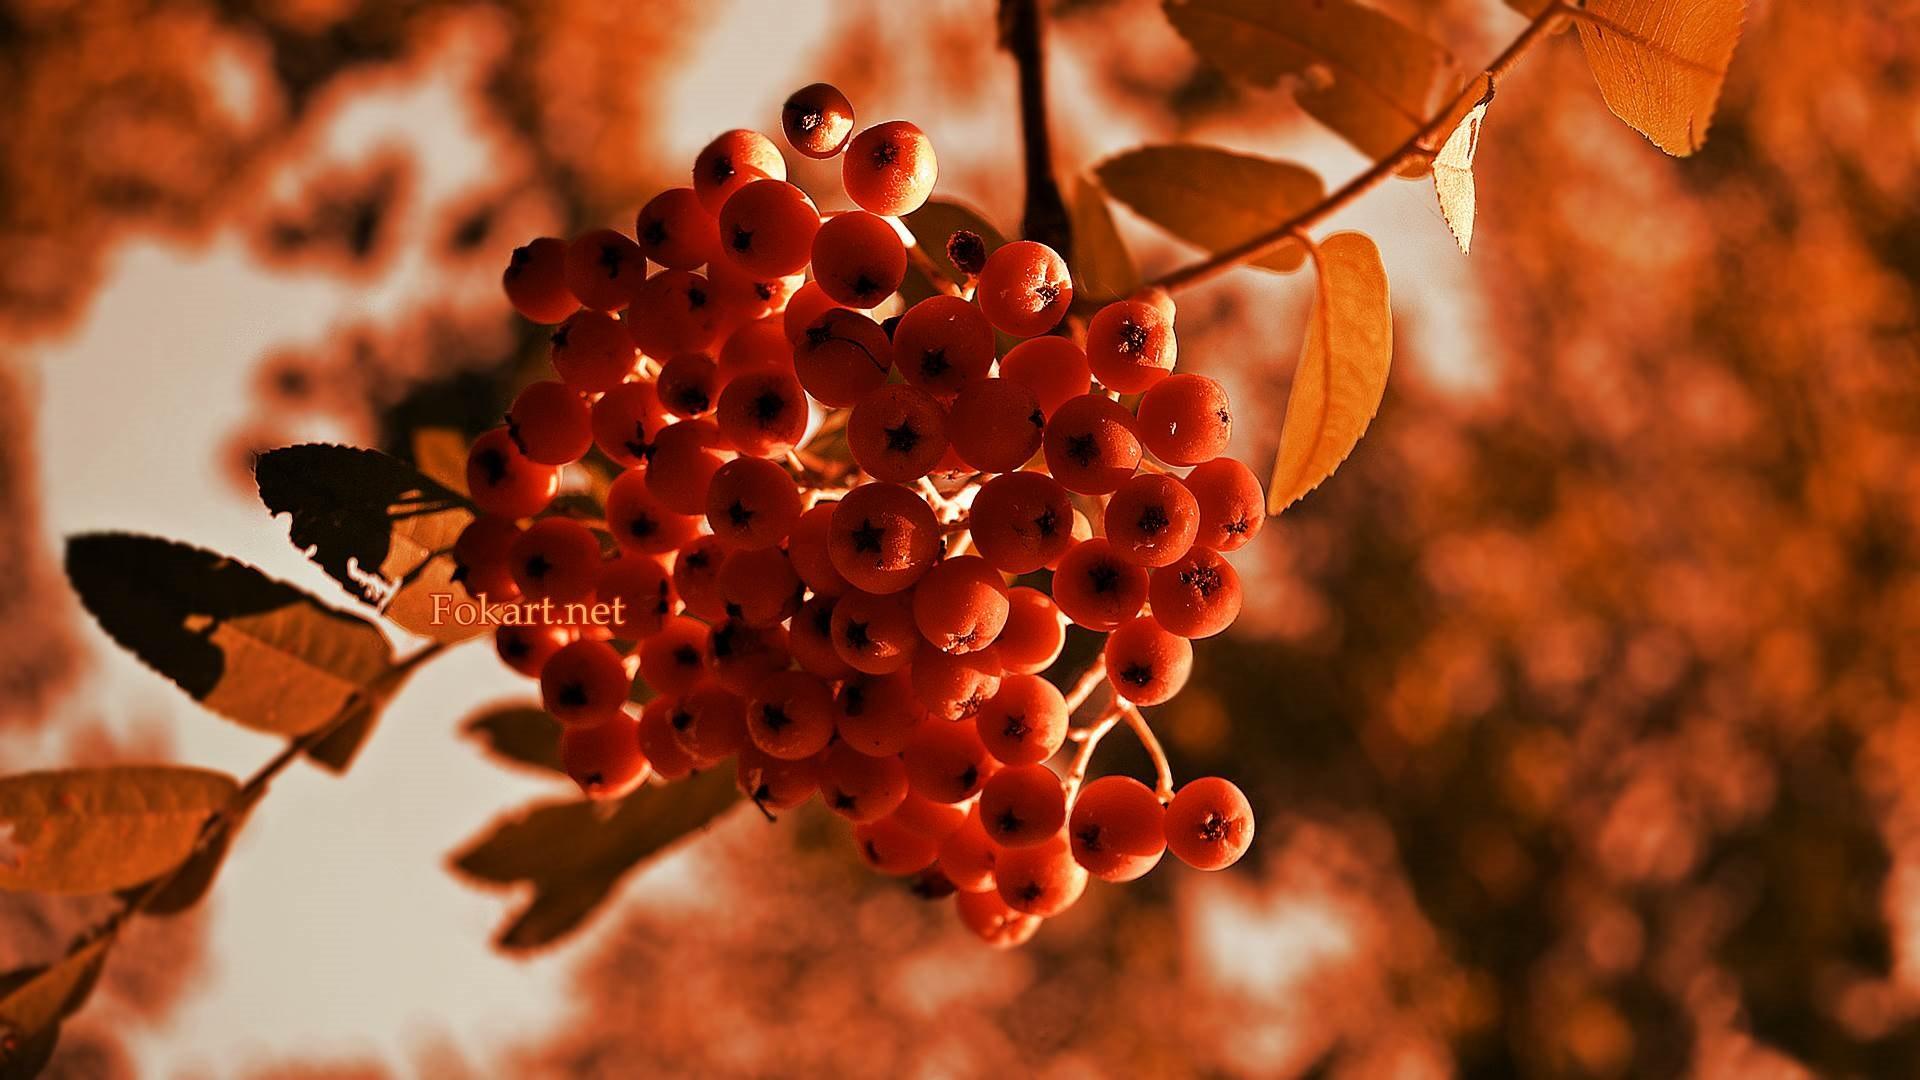 Гроздь рябины на рыжем фоне листьев.